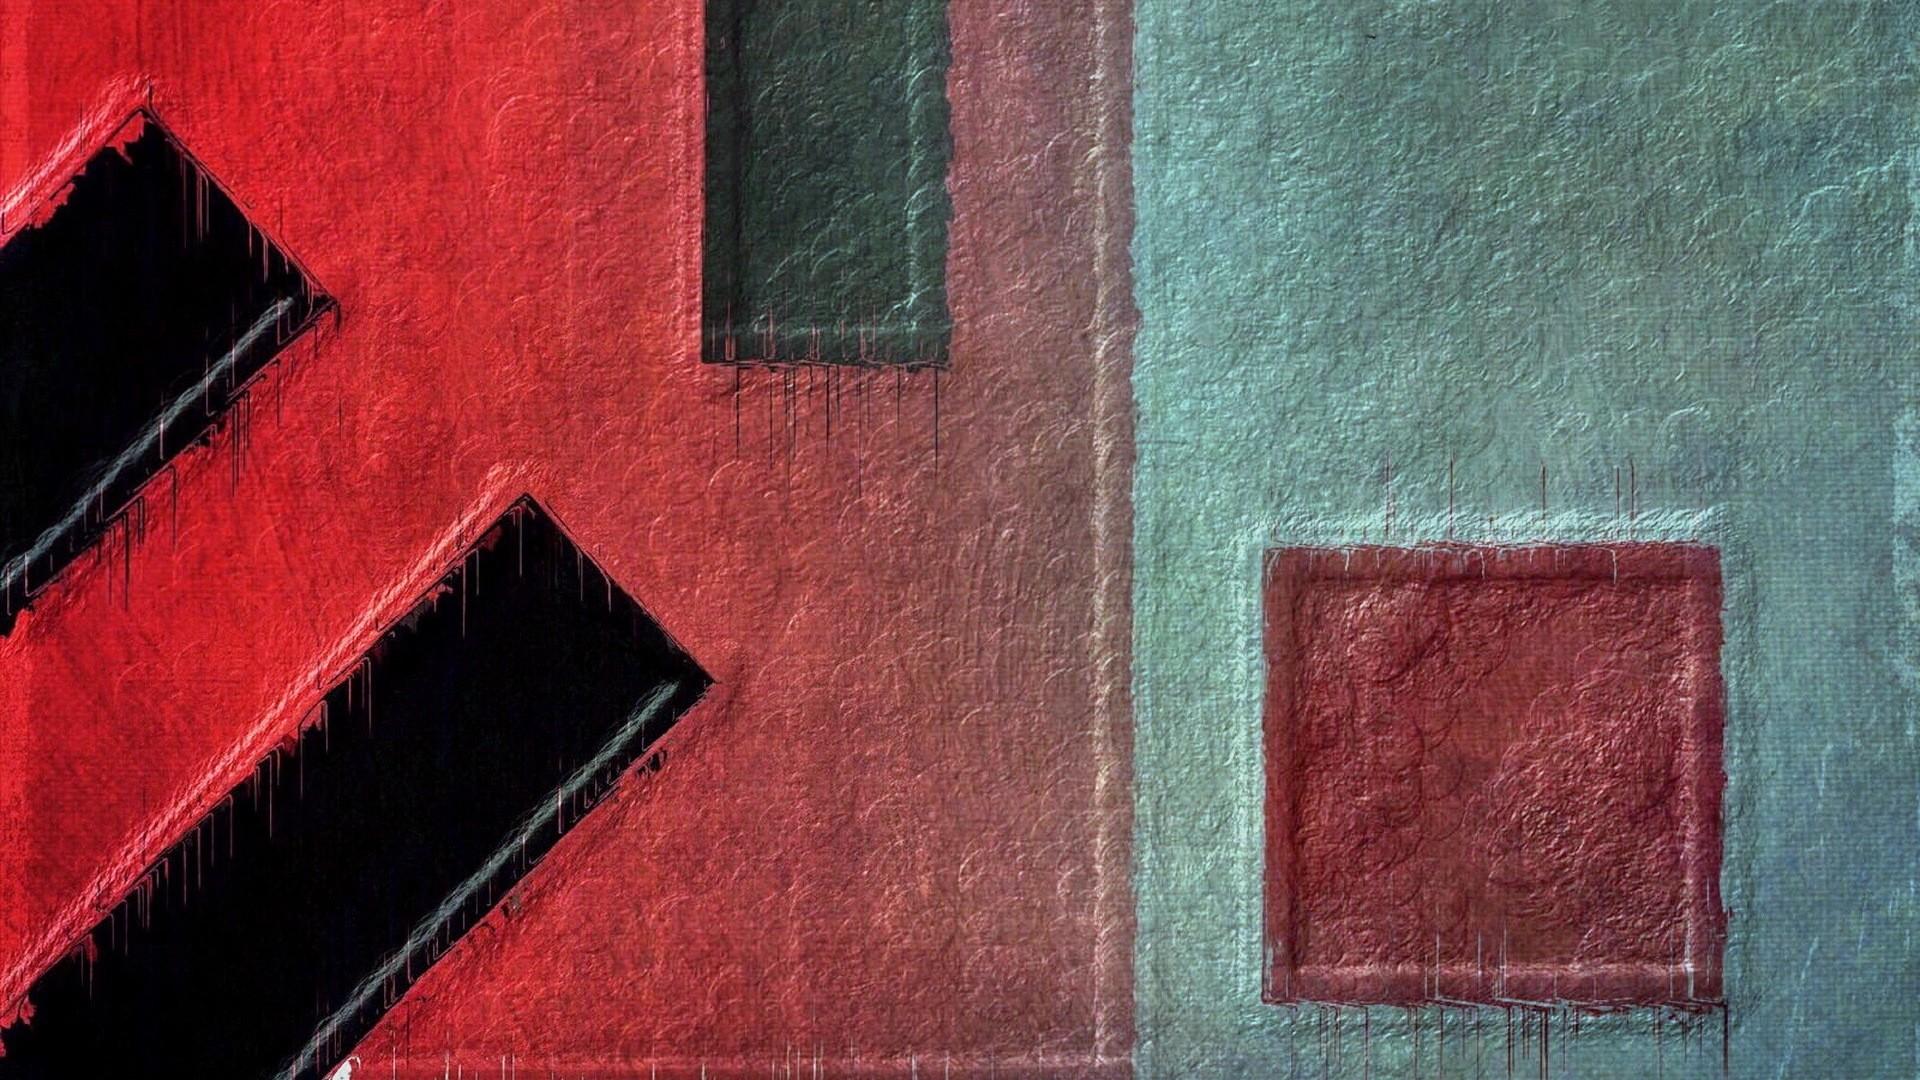 La Pittura Arte Digitale Astratto Minimalismo Rosso Parete Modello Geometria  Struttura Piazza Cerchio Vernice Splatter Rettangolo